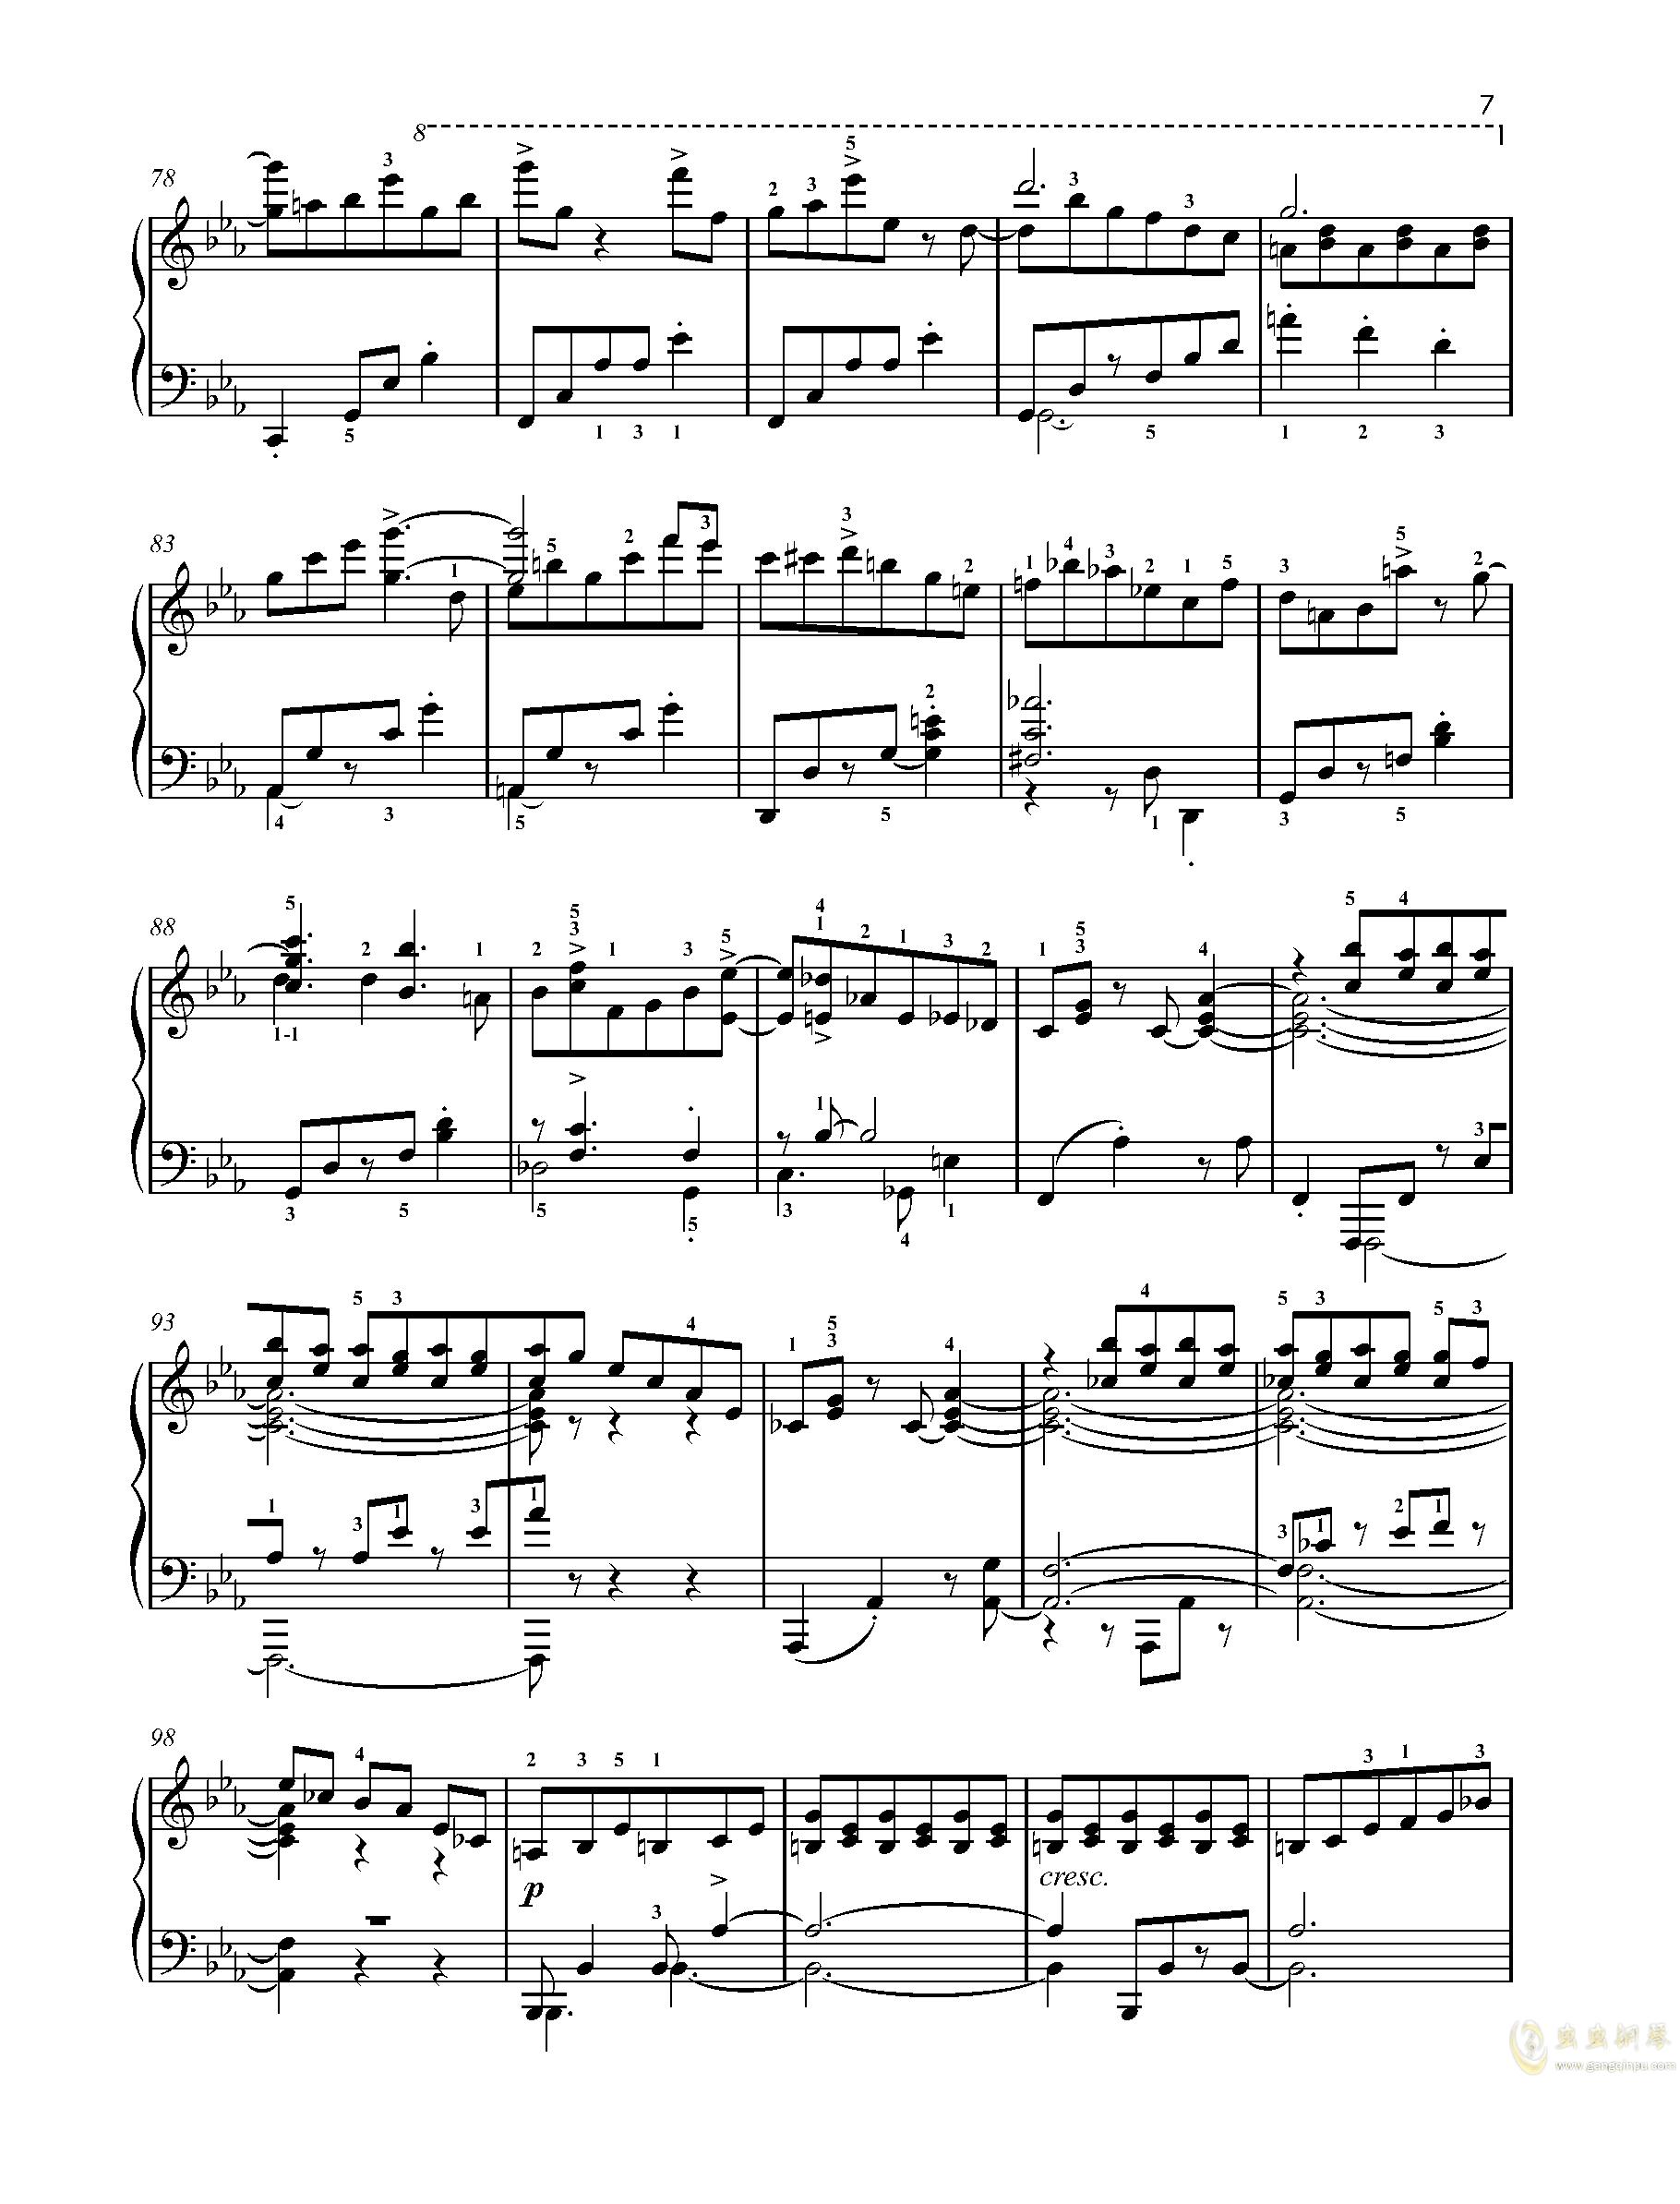 【爵士】【带指法】尼古拉斯凯帕斯汀 八首音乐会练习曲 Eight Concert 澳门星际官网 第7页